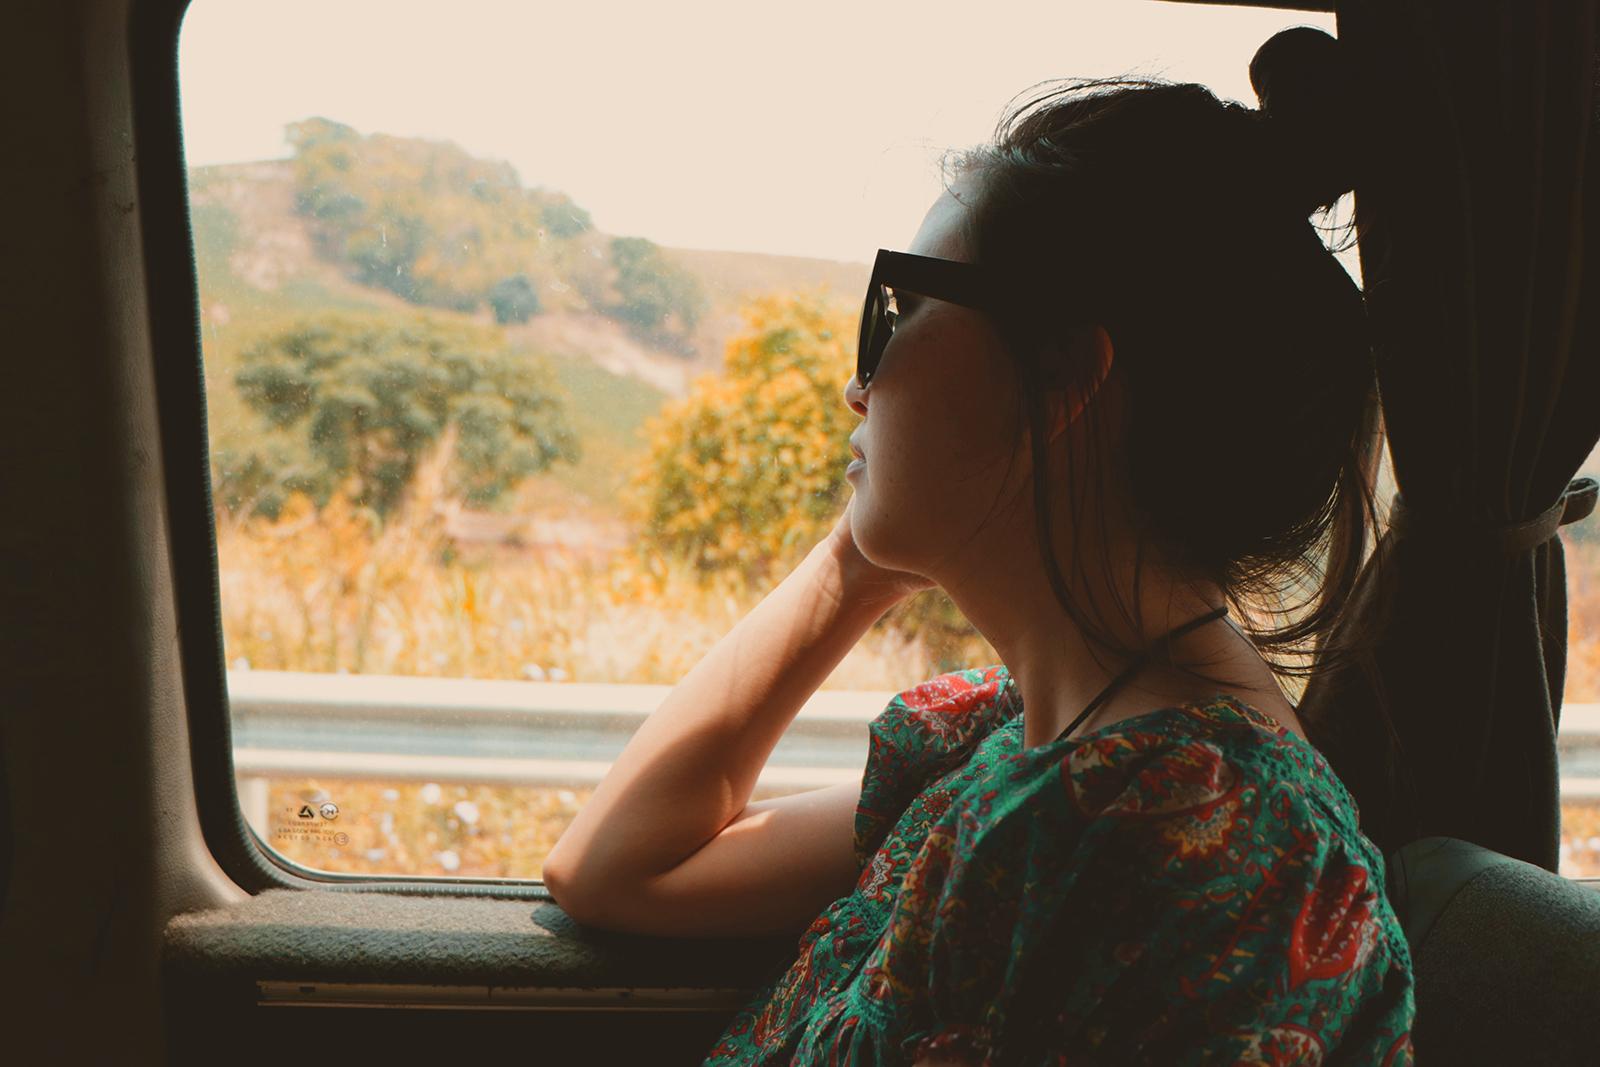 olhando a janela do carro